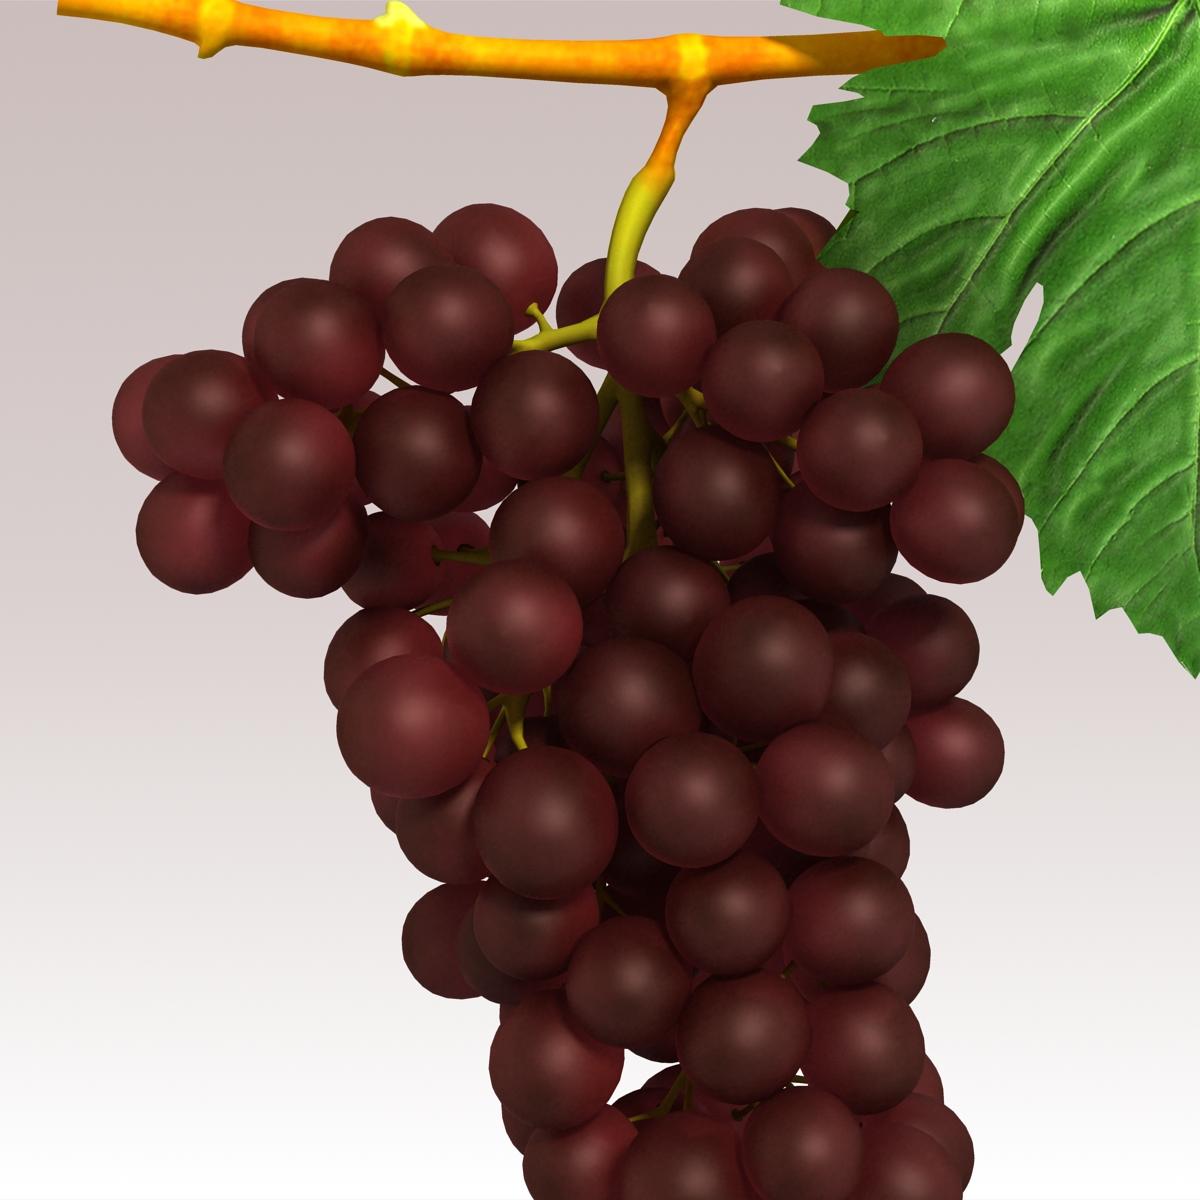 grapes red 3d model 3ds max fbx c4d lwo obj 204259